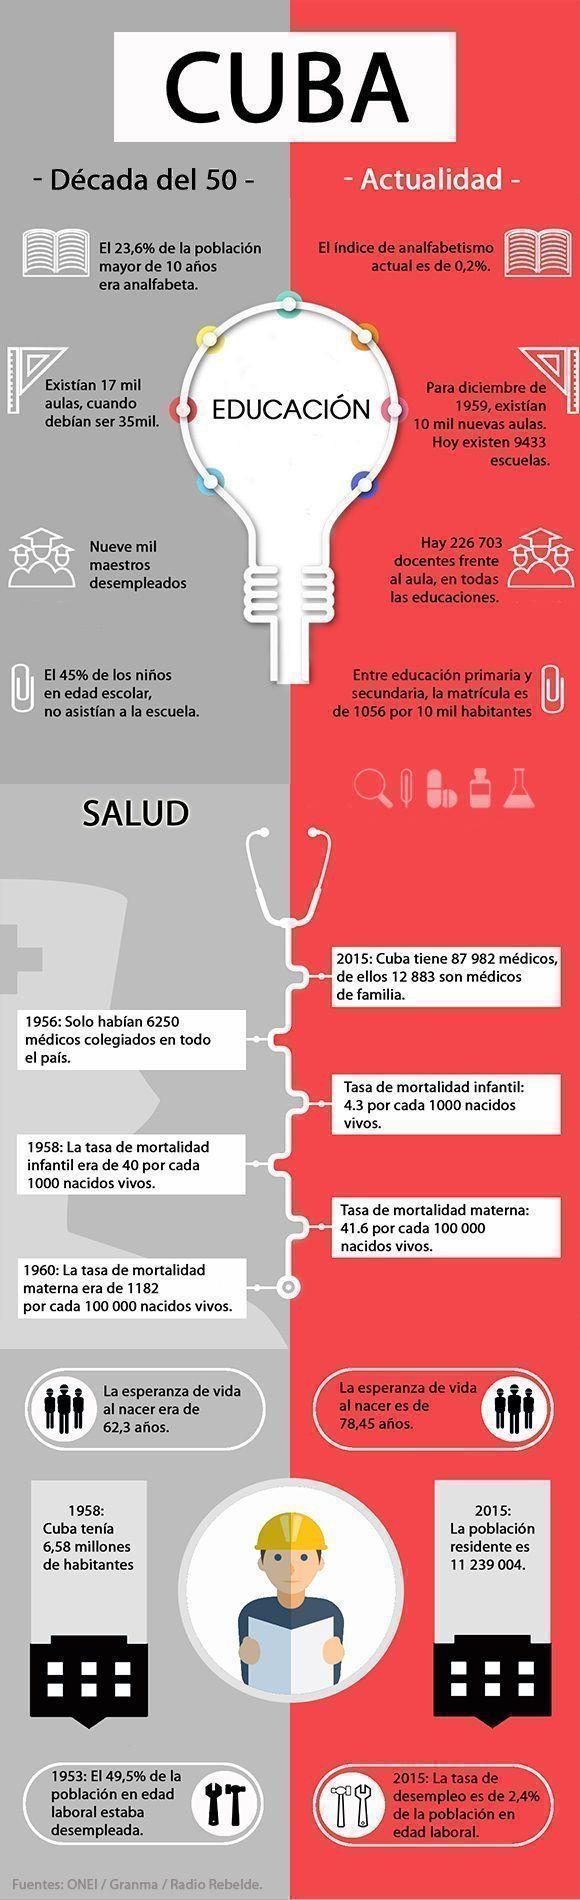 Comparación entre la Cuba de la década de 1950 y la actualidad. Infografía: Leysi Rubio/ Cubadebate.